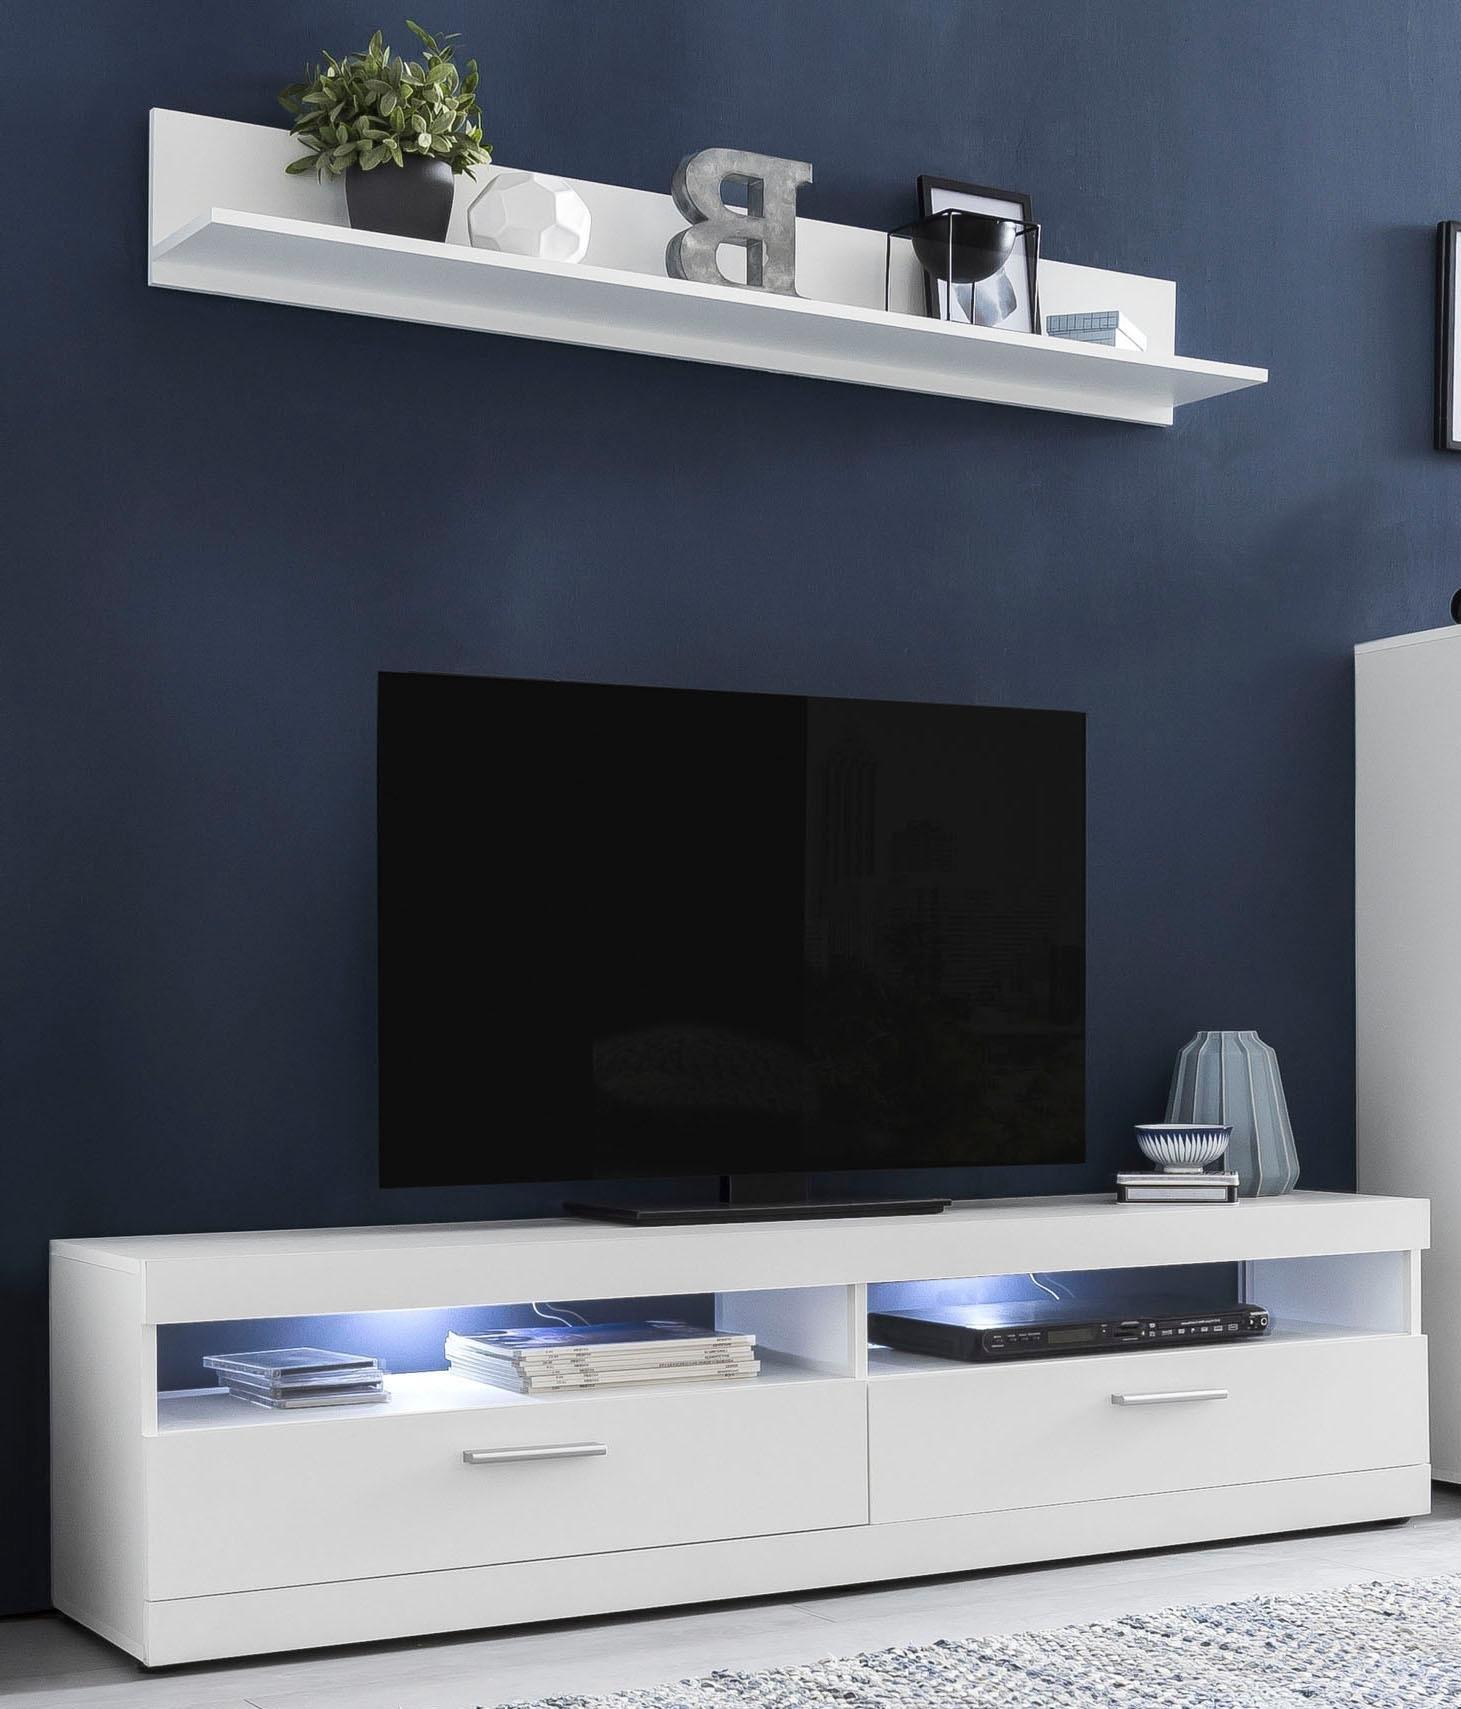 Wilmes tv-meubel Move Breedte 160 cm, inclusief gratis wandrek, breedte 135 cm in de webshop van OTTO kopen